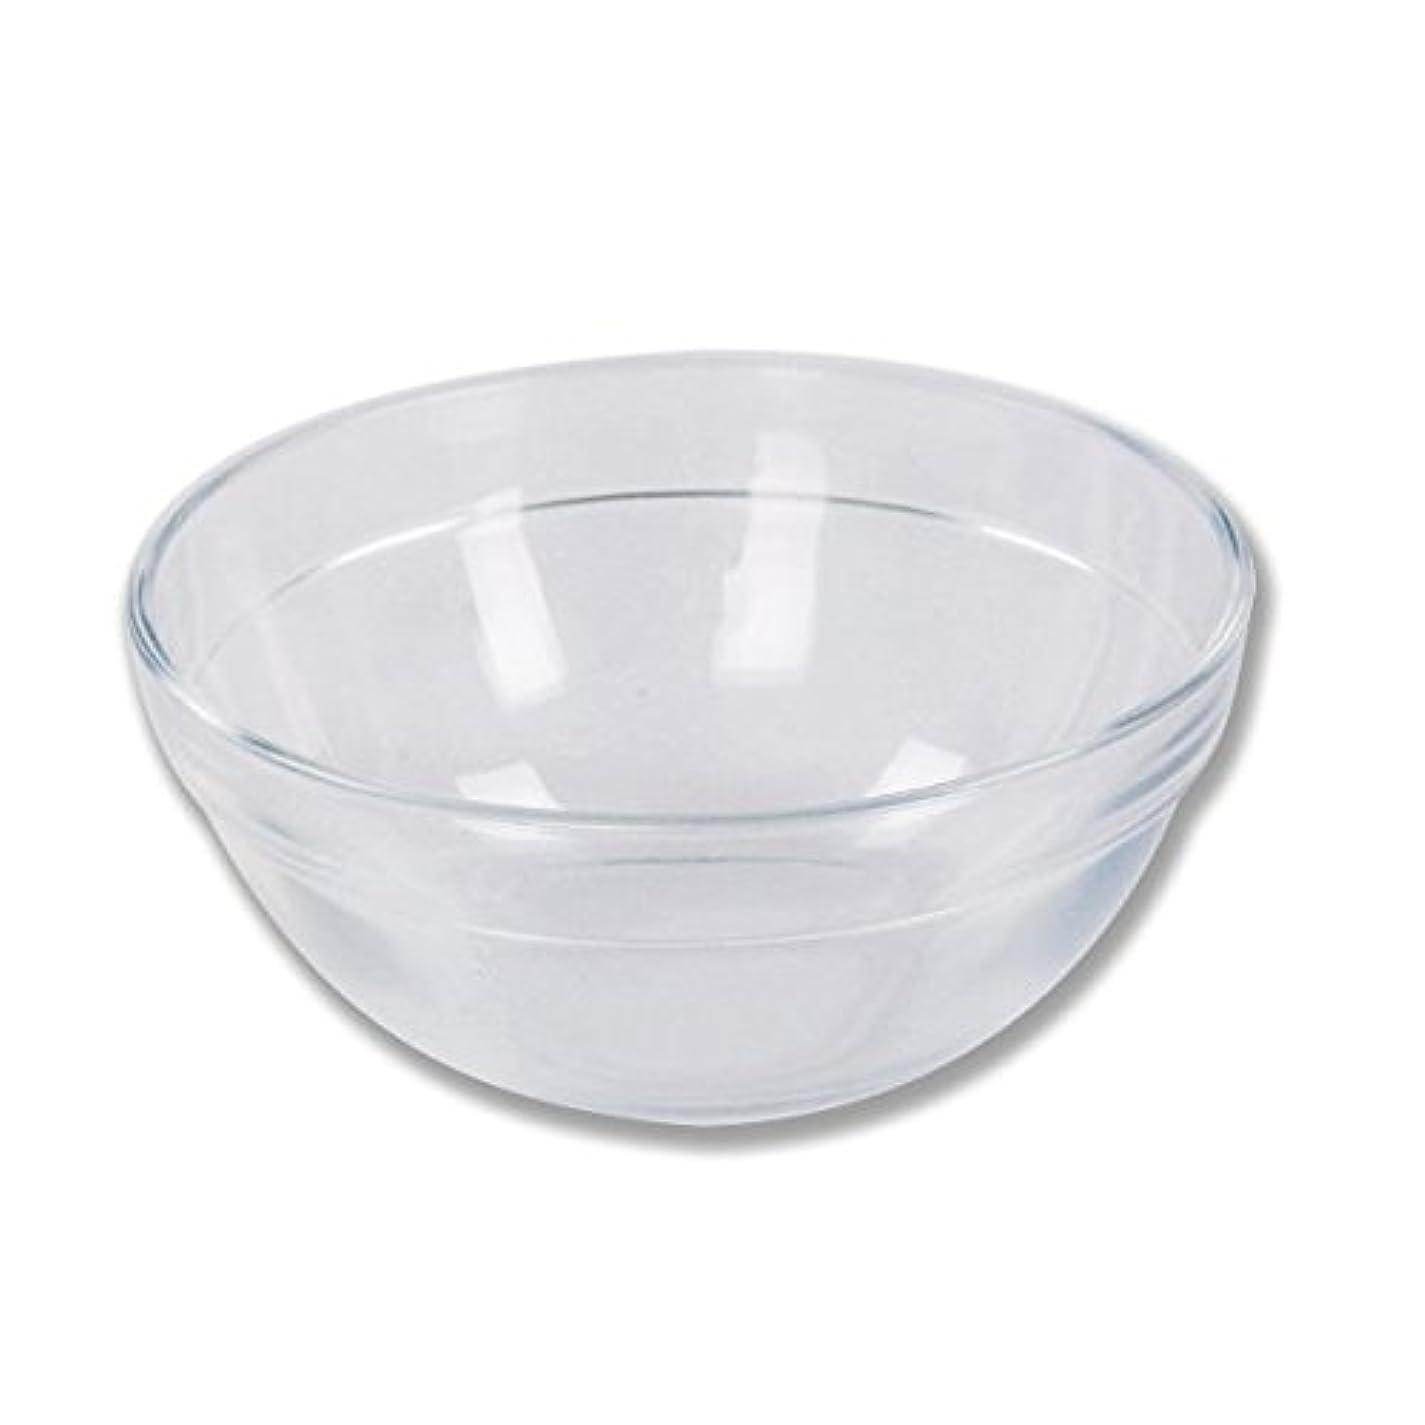 見込み皮スタジオガラスボウル (XLサイズ) [ ガラスボール カップボウル カップボール エステ サロン ガラス ボウル カップ 高級感 ]